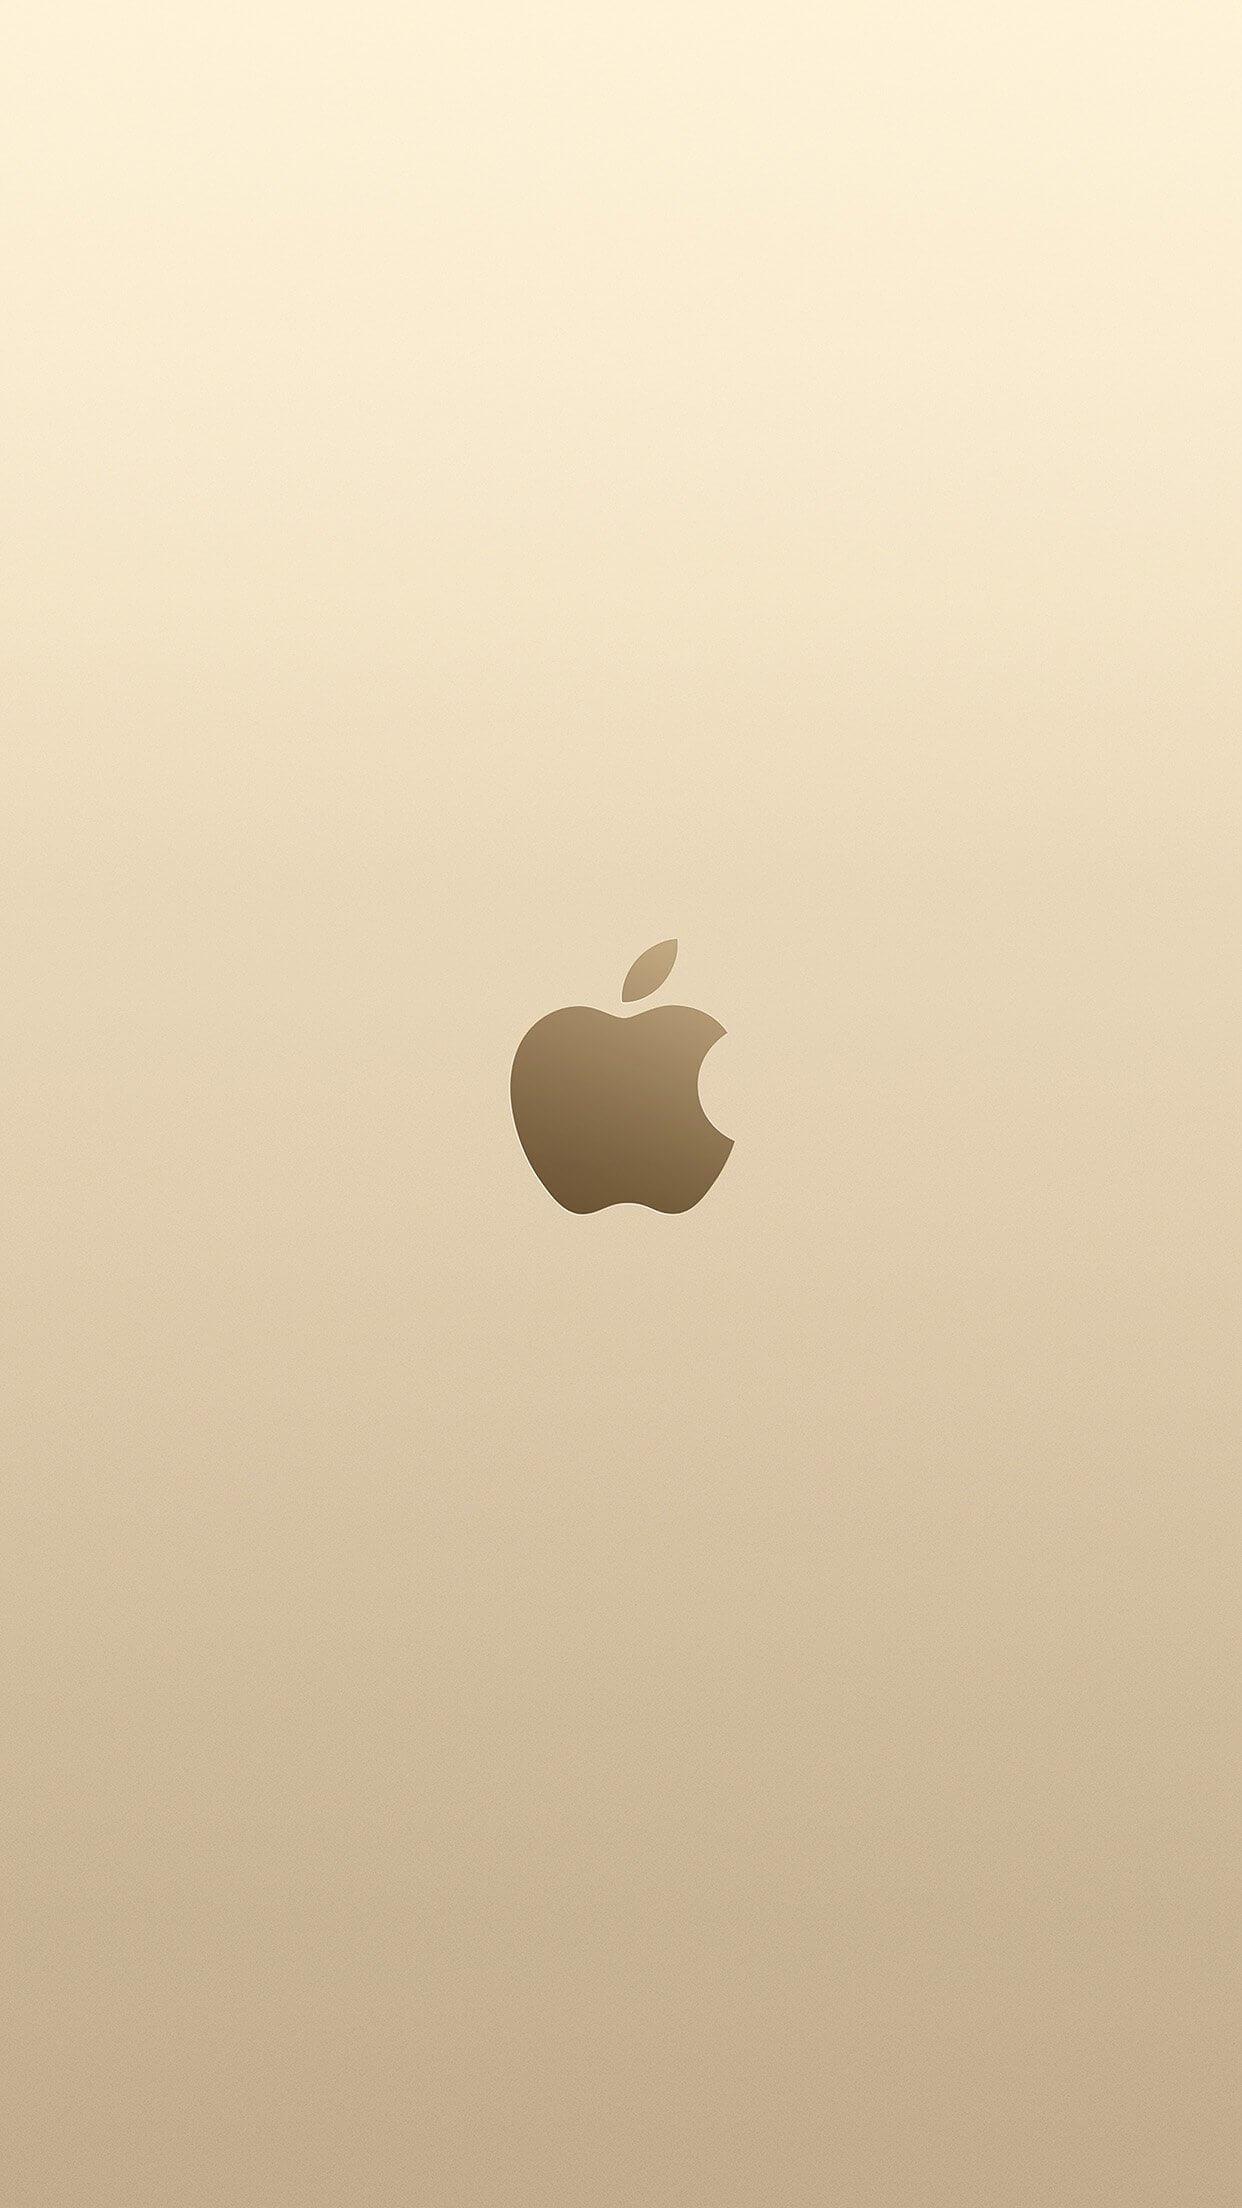 wallpapers inspirados en el color dorado para tu iphone